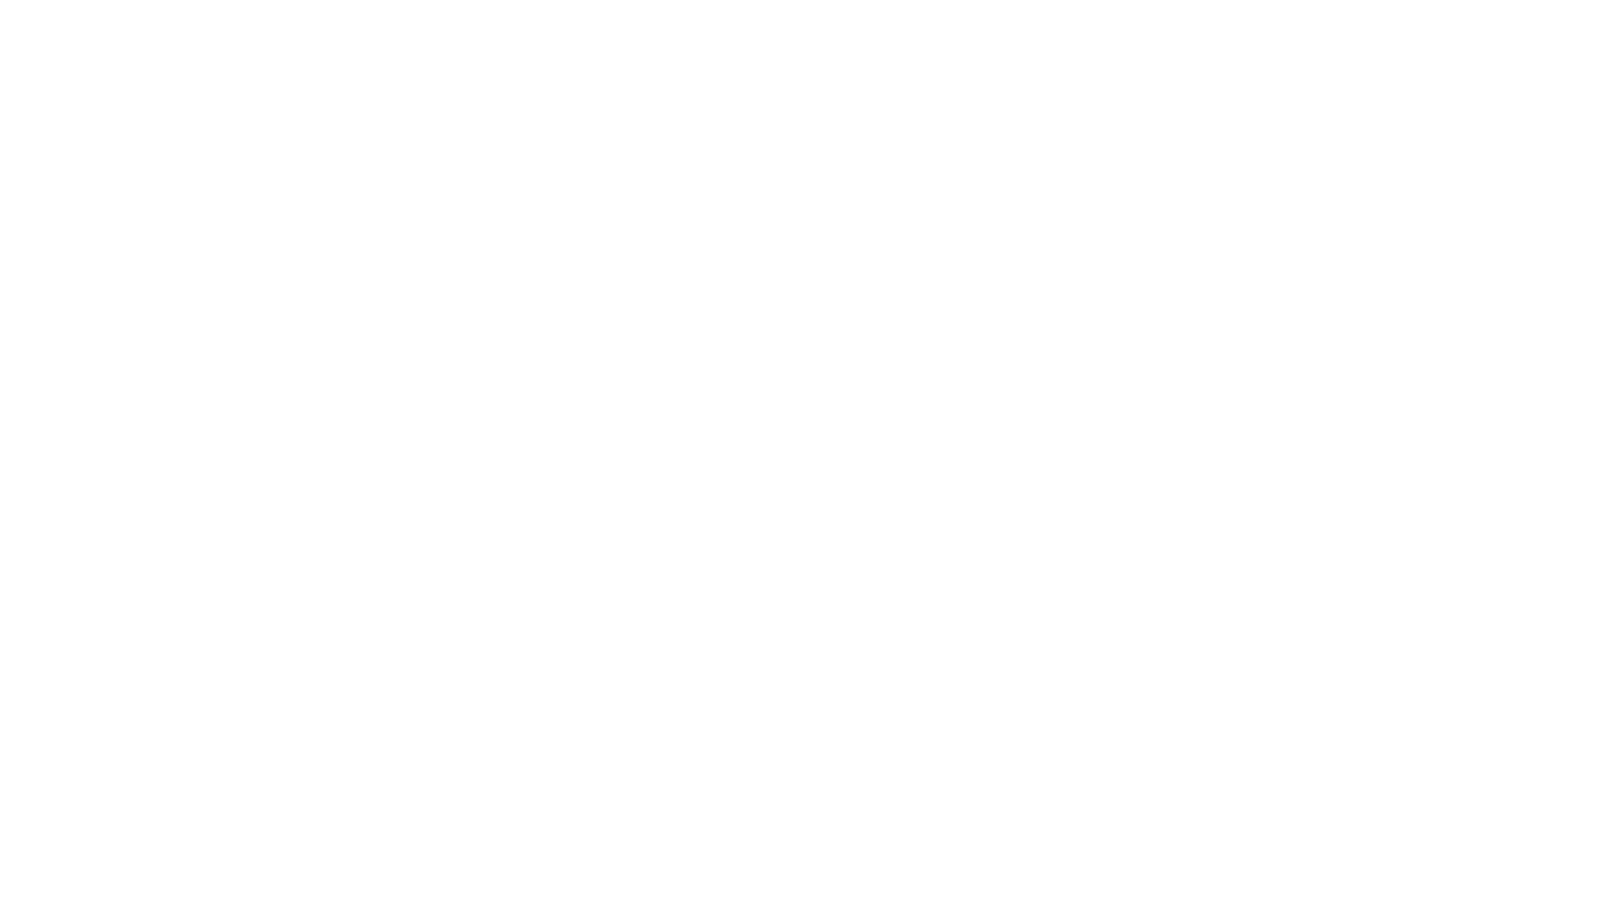 👉 Ofertas Super Maxi Quinta e Sexta Filé, válidas enquanto durarem os estoques, somente nos dias 21/01 e 22/01/2021. Confira nossas ofertas:  💻 Acesse: https://redesupermaxi.com.br/nossas-ofertas/ #supermaxi #supermercado #uberlandia #uberaba #montealegre #quintaesextafile